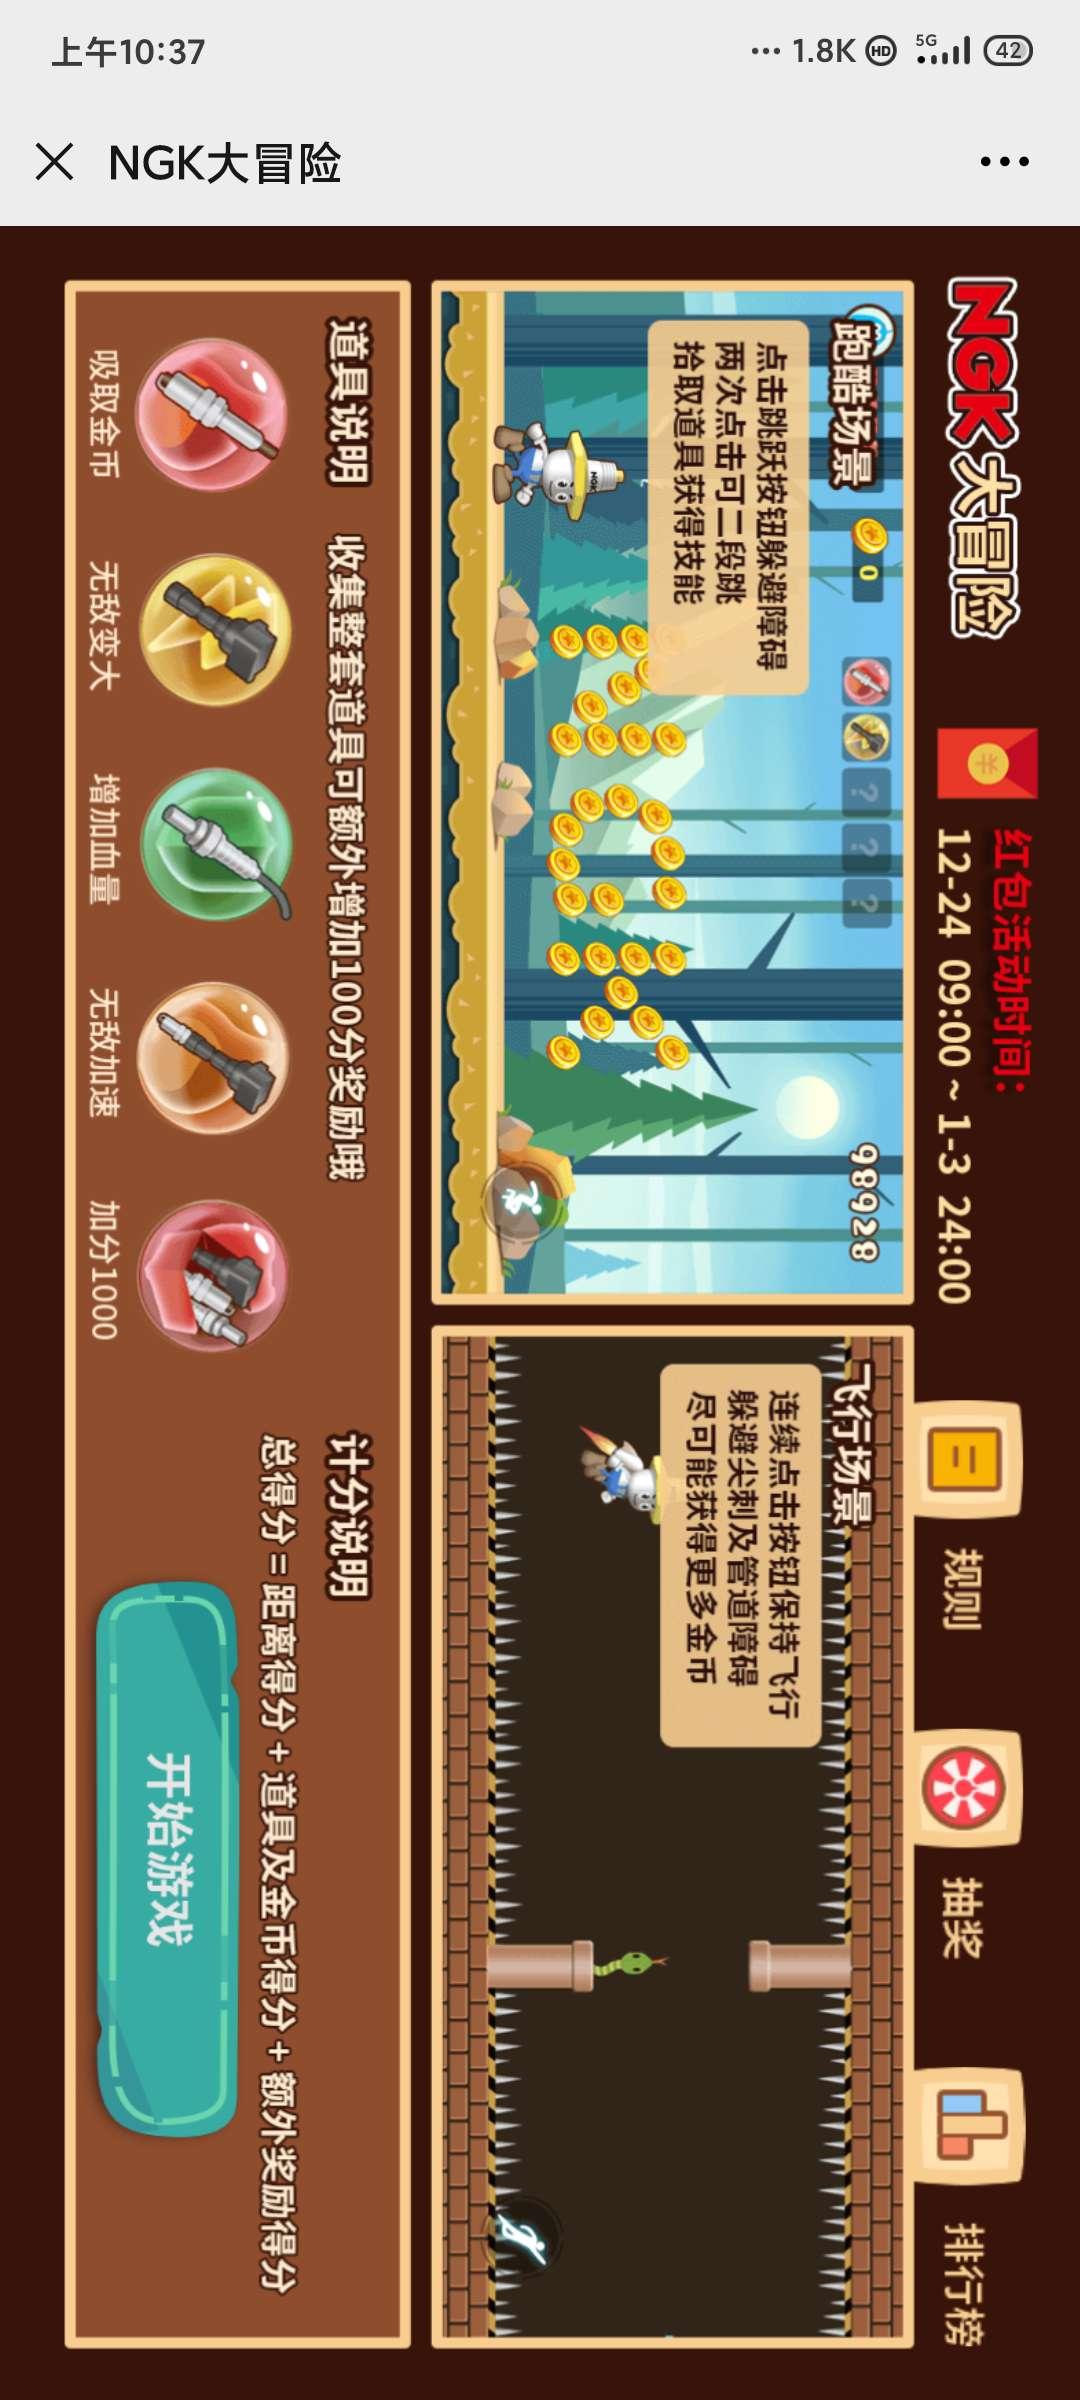 图片[2]-NGK火花塞玩游戏领红包-老友薅羊毛活动线报网